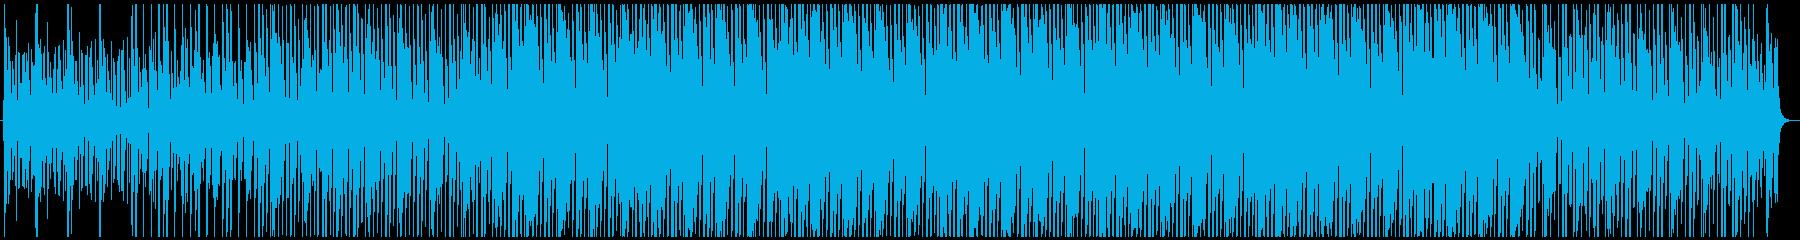 アコーステックギターのリズミックなBGMの再生済みの波形